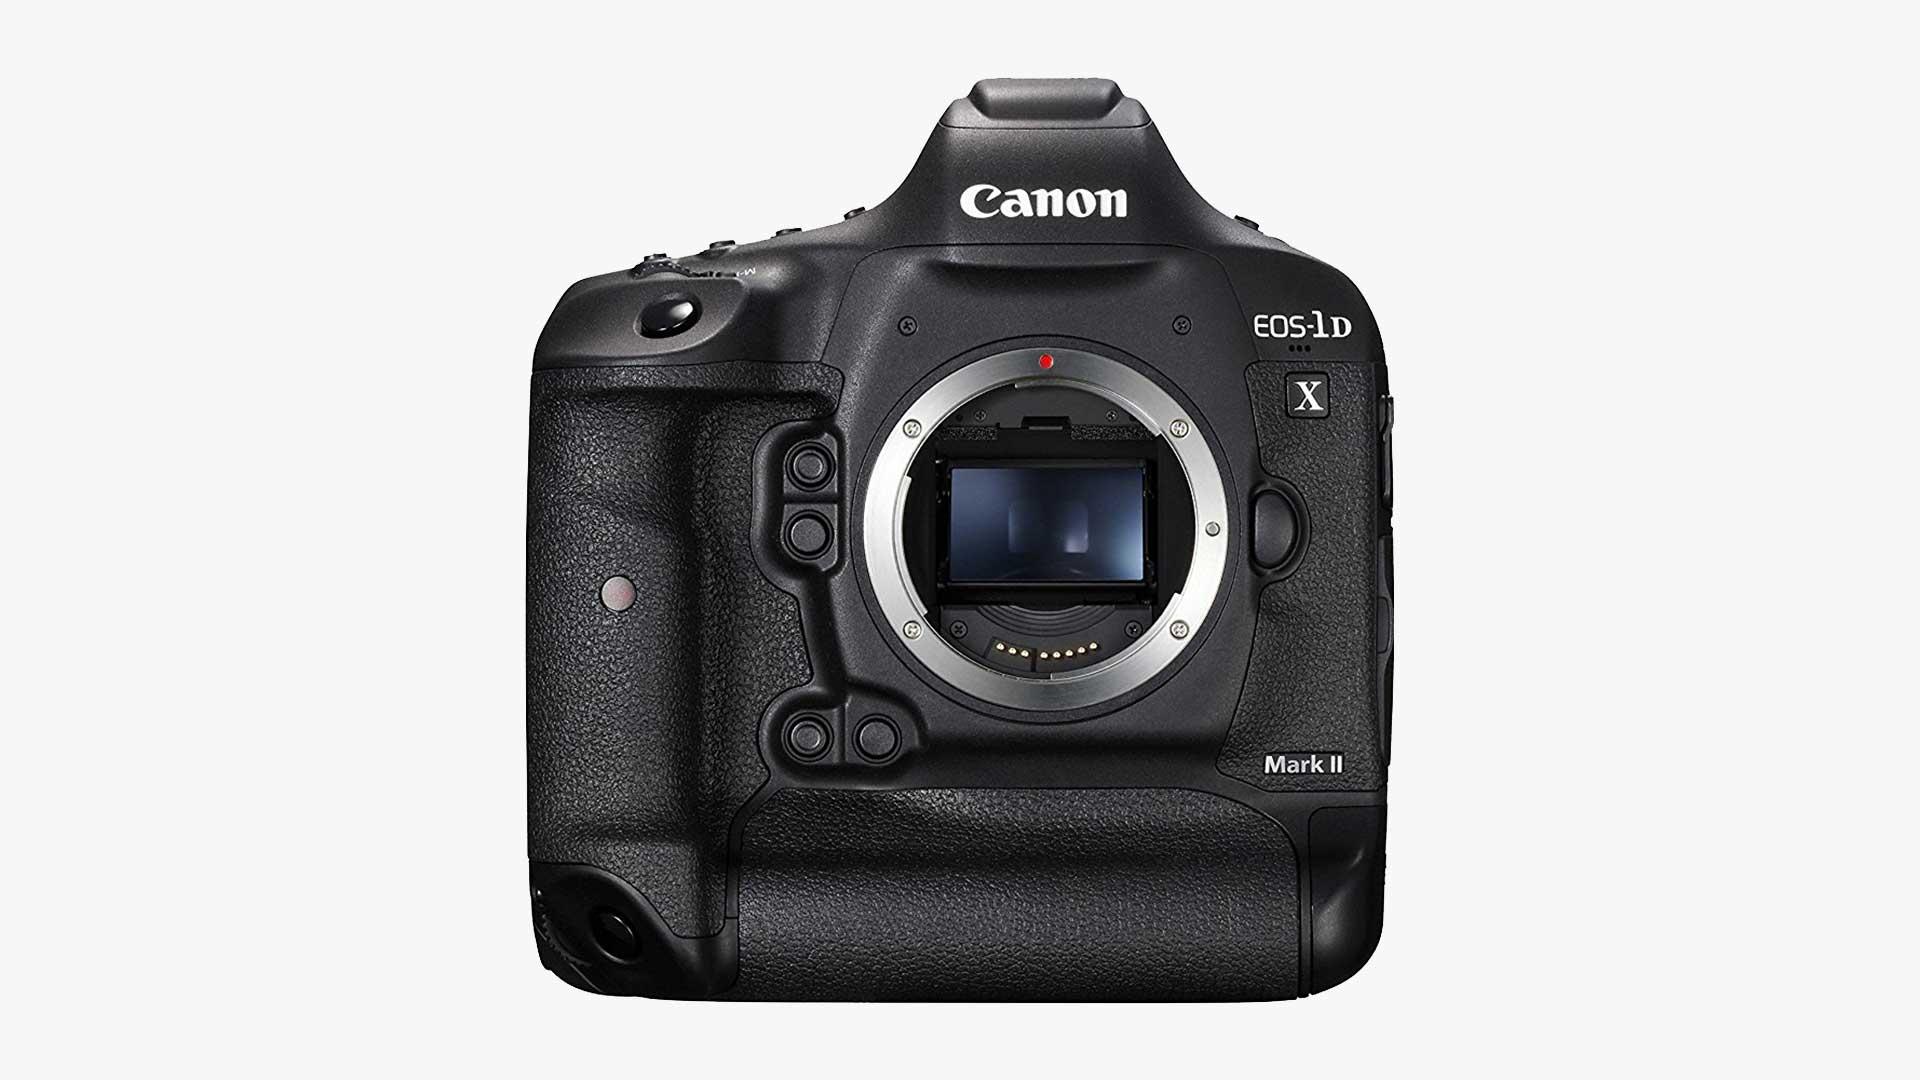 best full frame cameras - Canon 1DX Mark II DSLR Camera